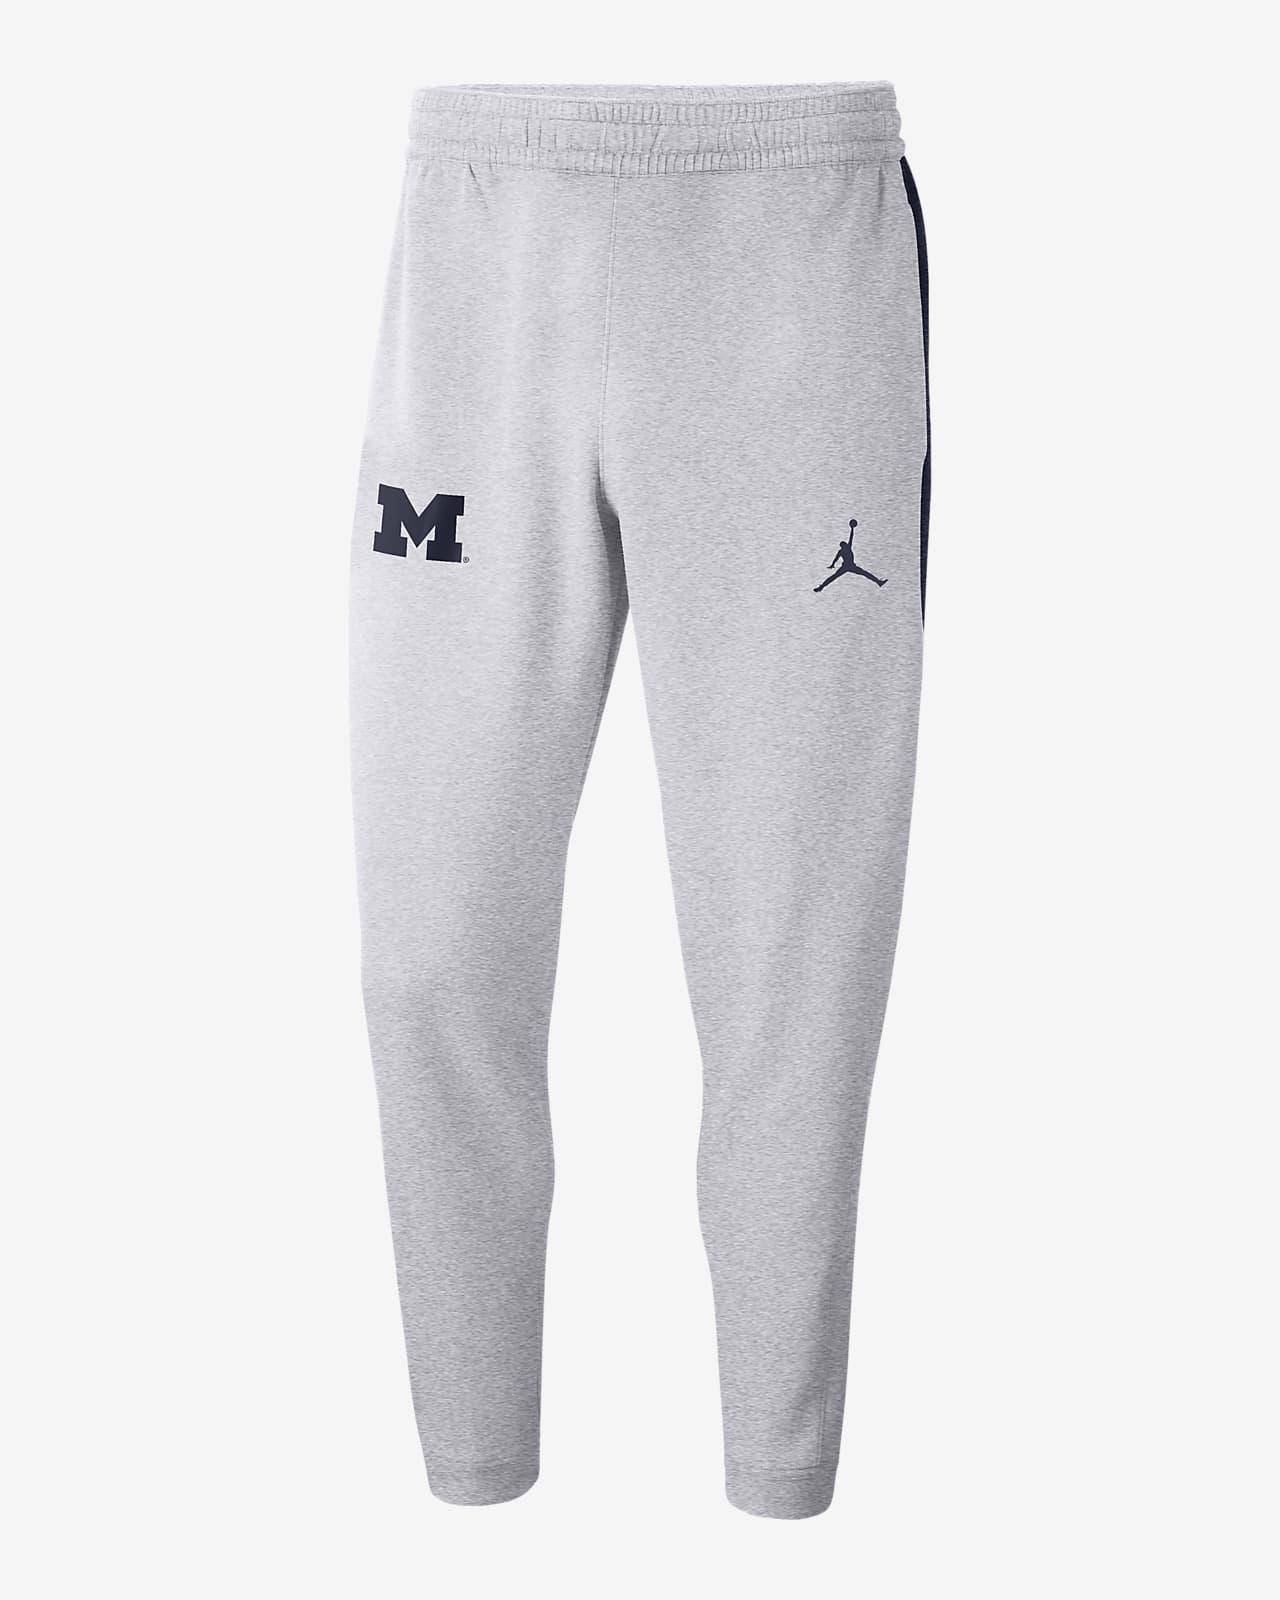 Jordan College Spotlight (Michigan) Men's Pants